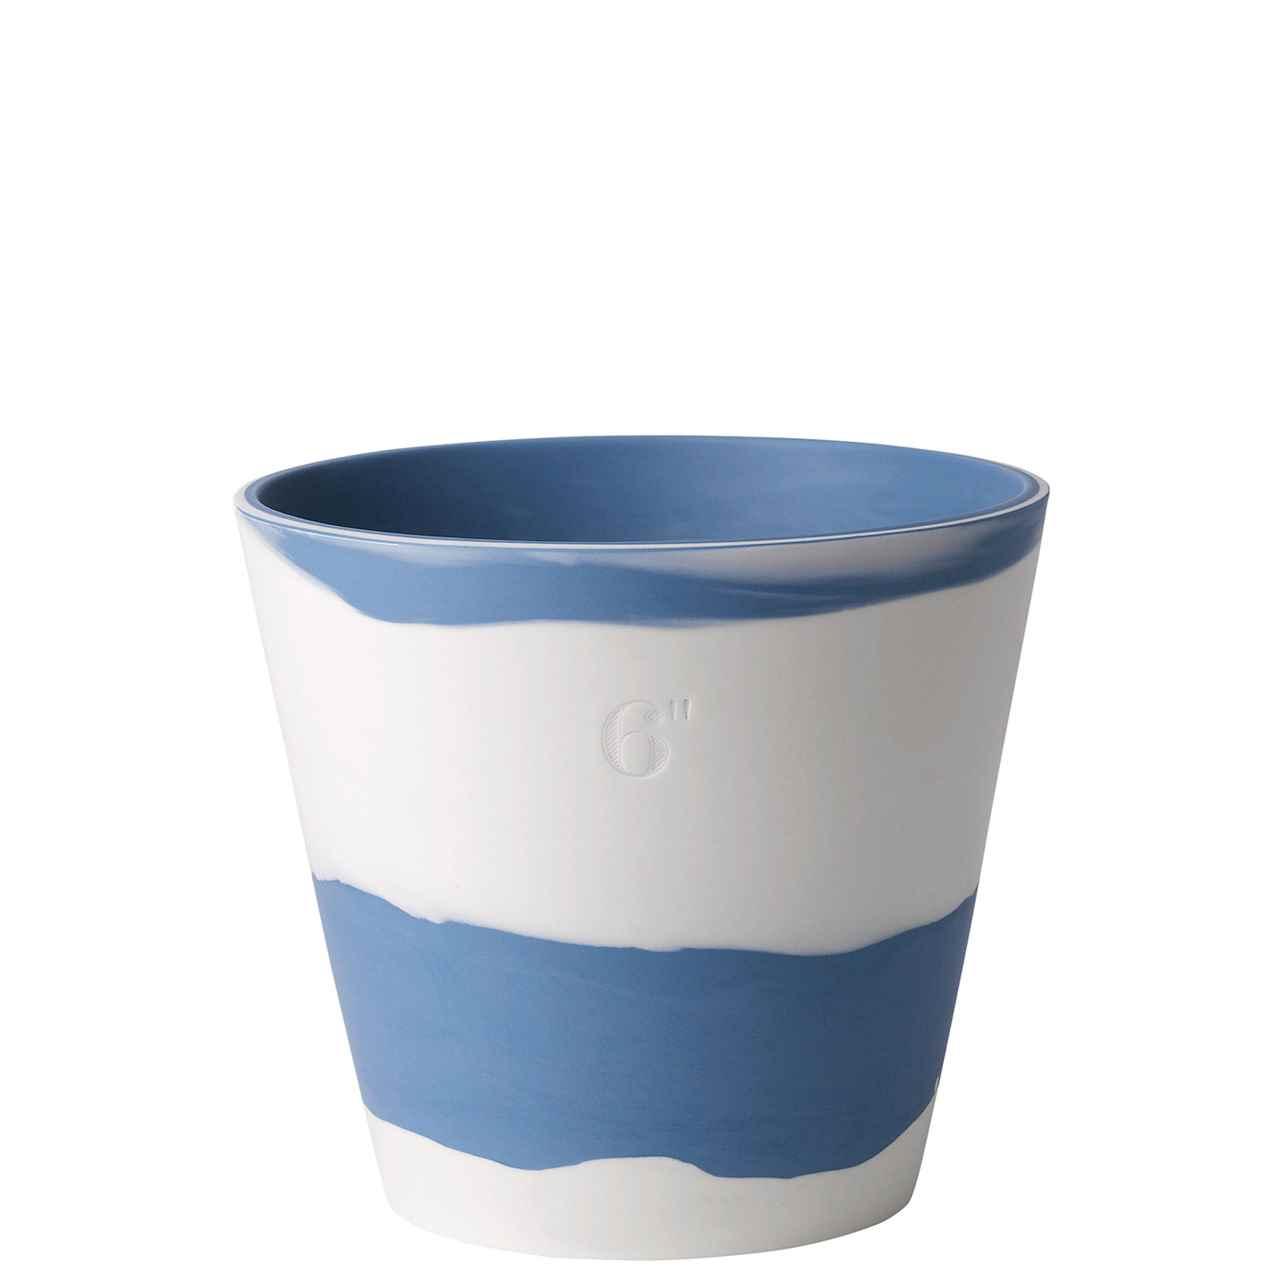 Wedgwood Burlington Pots Pale Blue on White Pot 16.4cm